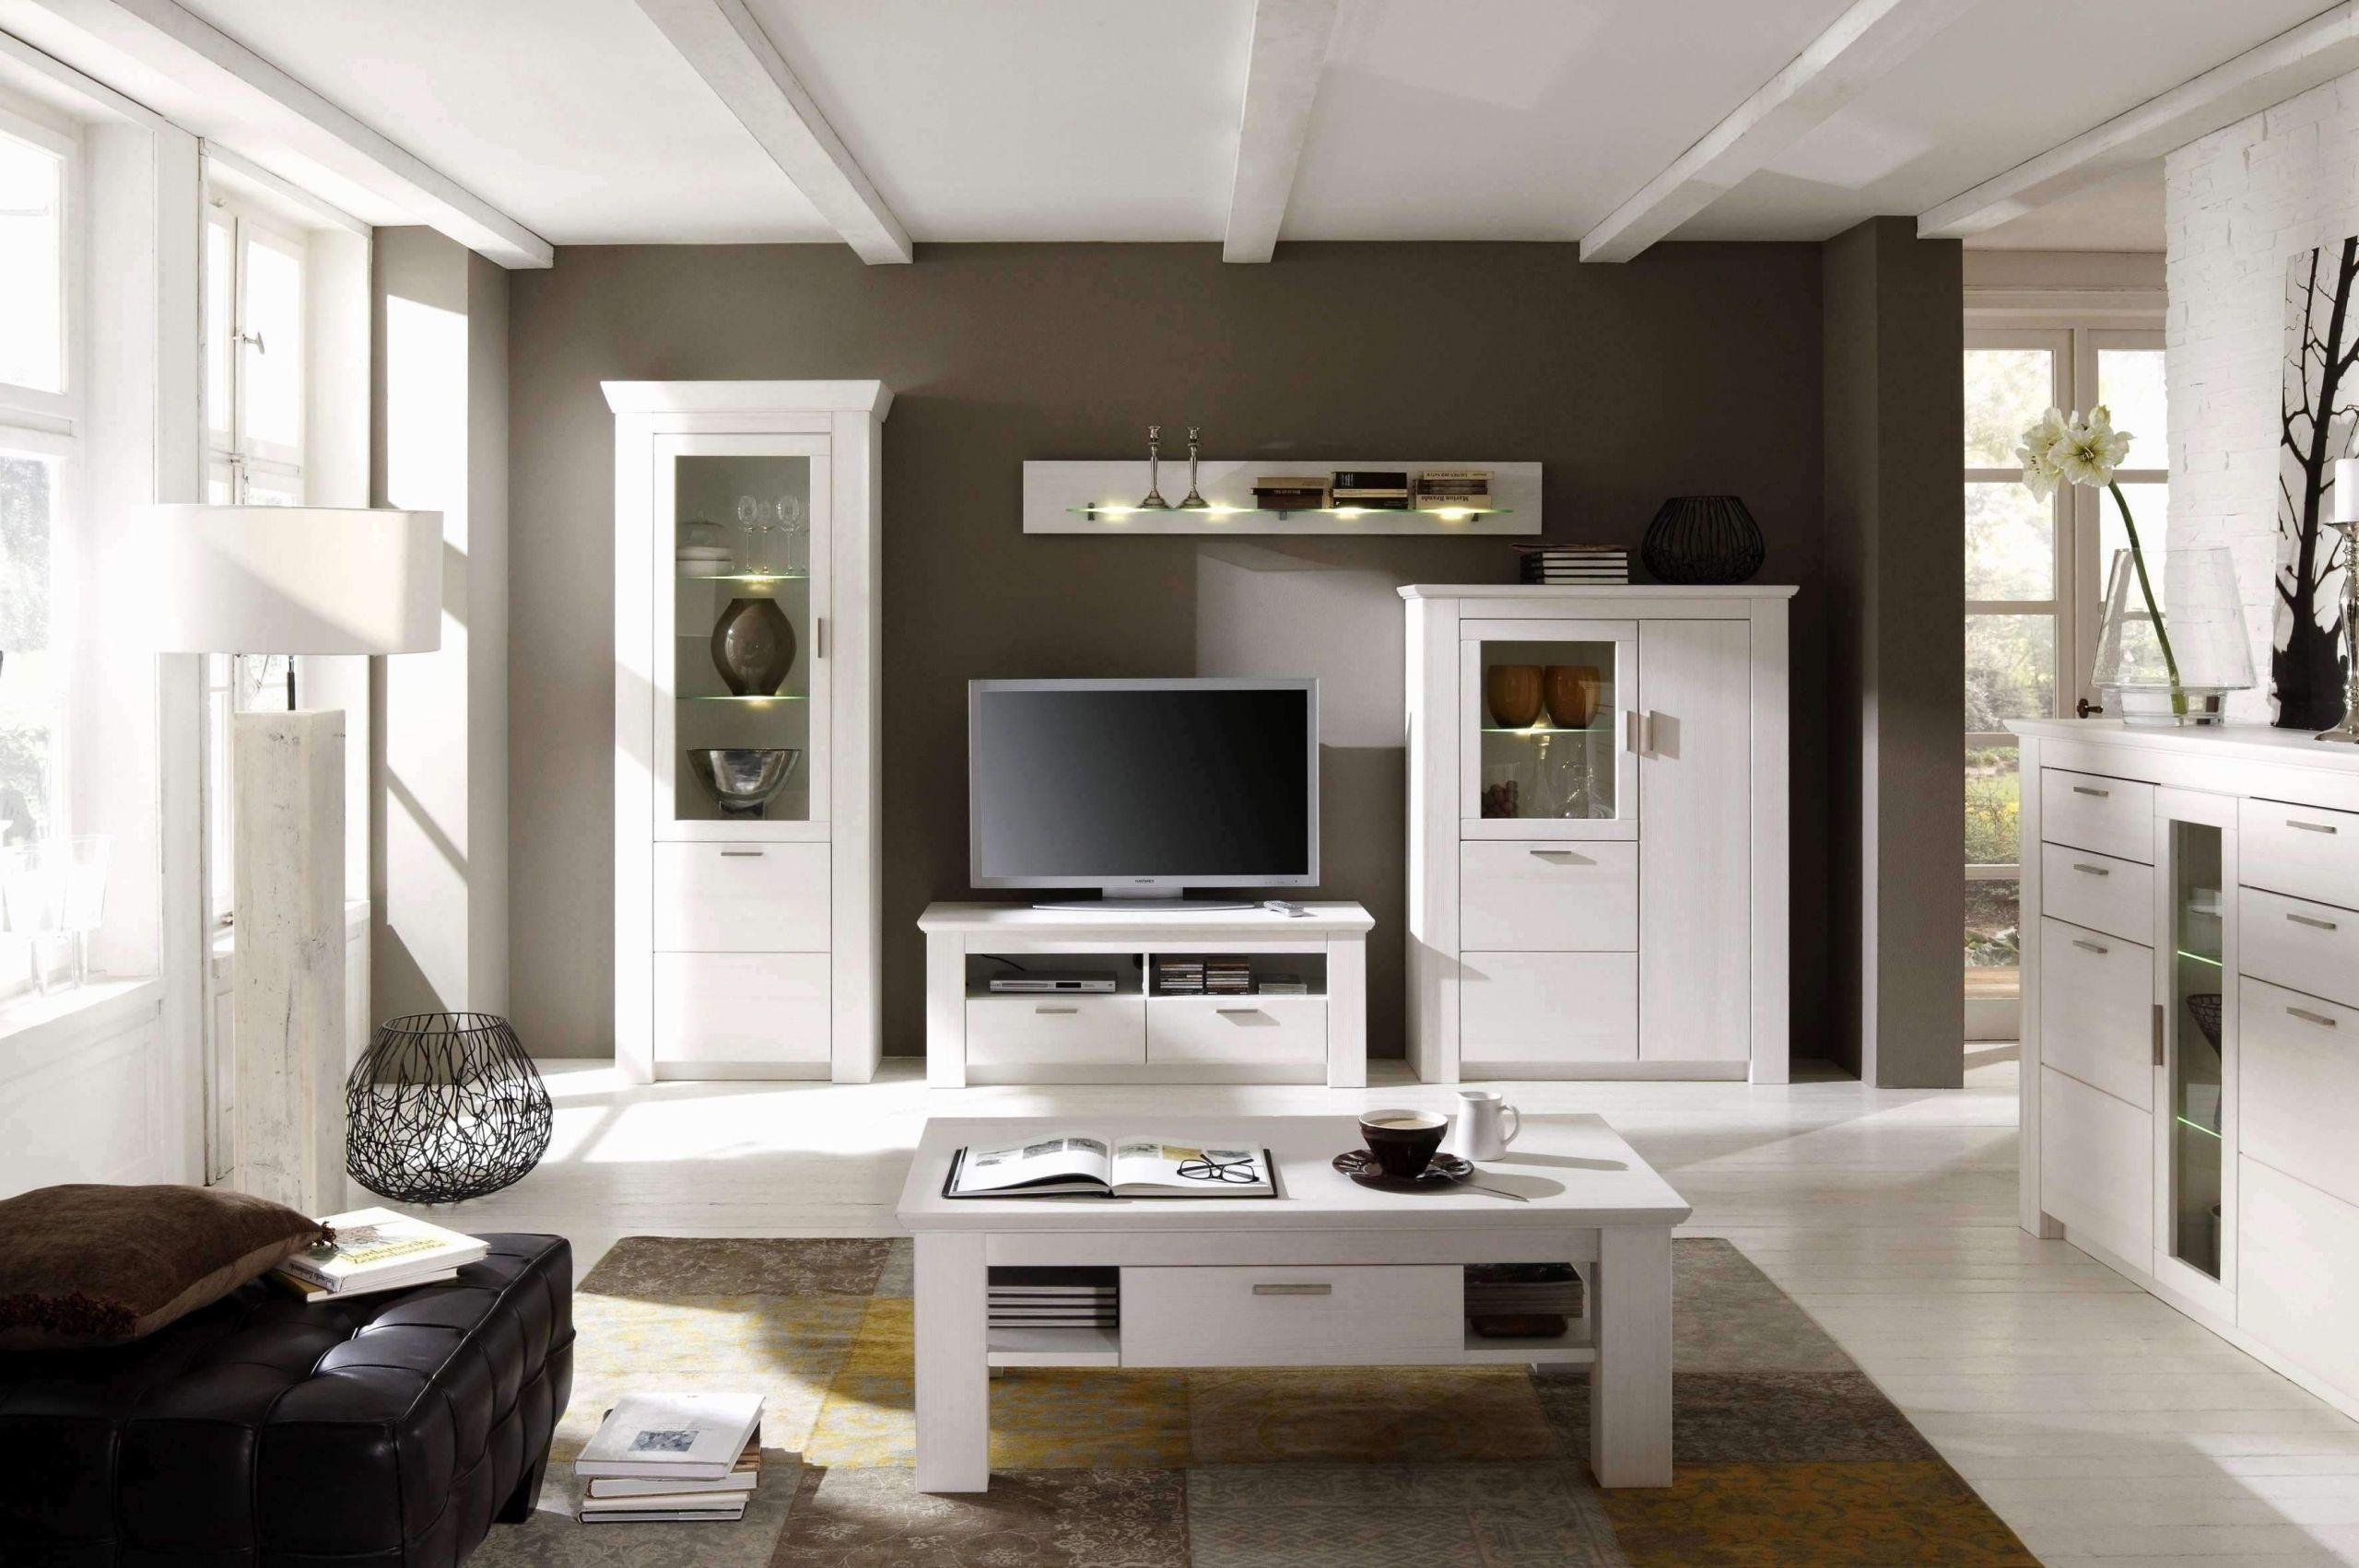 wohnzimmer diy einzigartig wohnzimmer regale design reizend luxury regal metall of wohnzimmer diy